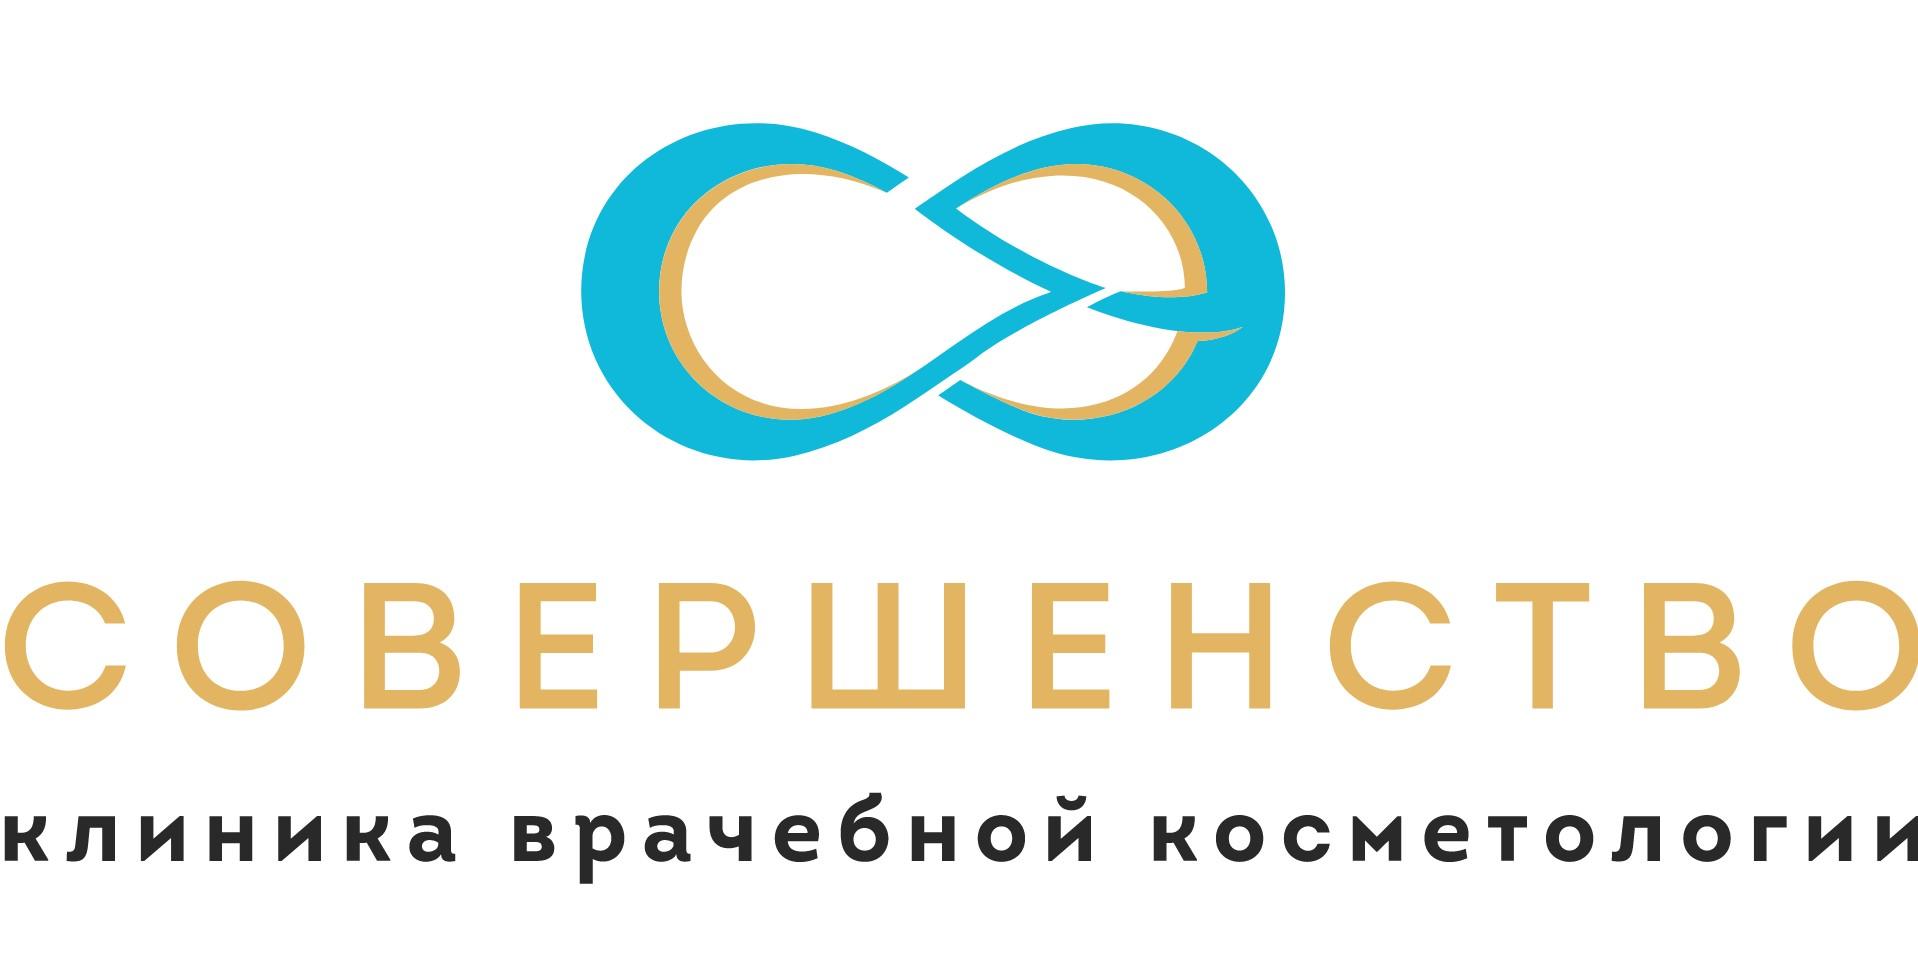 Клиника врачебной косметологии СОВЕРШЕНСТВО